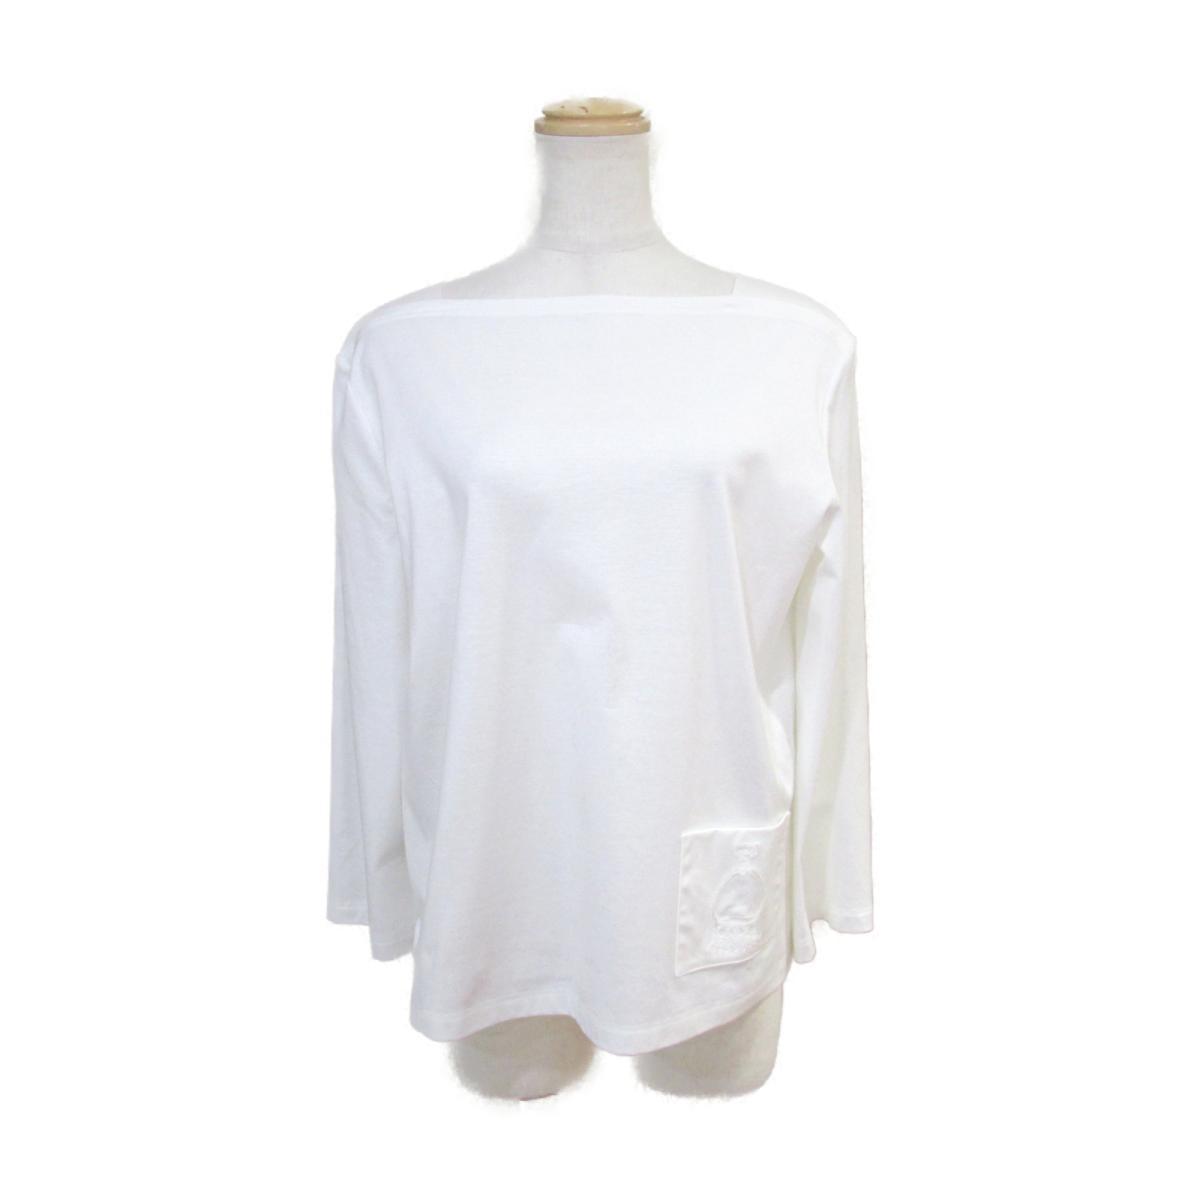 【中古】 エルメス 七分袖 Tシャツ レディース コットン100% ホワイト | HERMES BRANDOFF ブランドオフ 衣料品 衣類 ブランド トップス シャツ カットソー